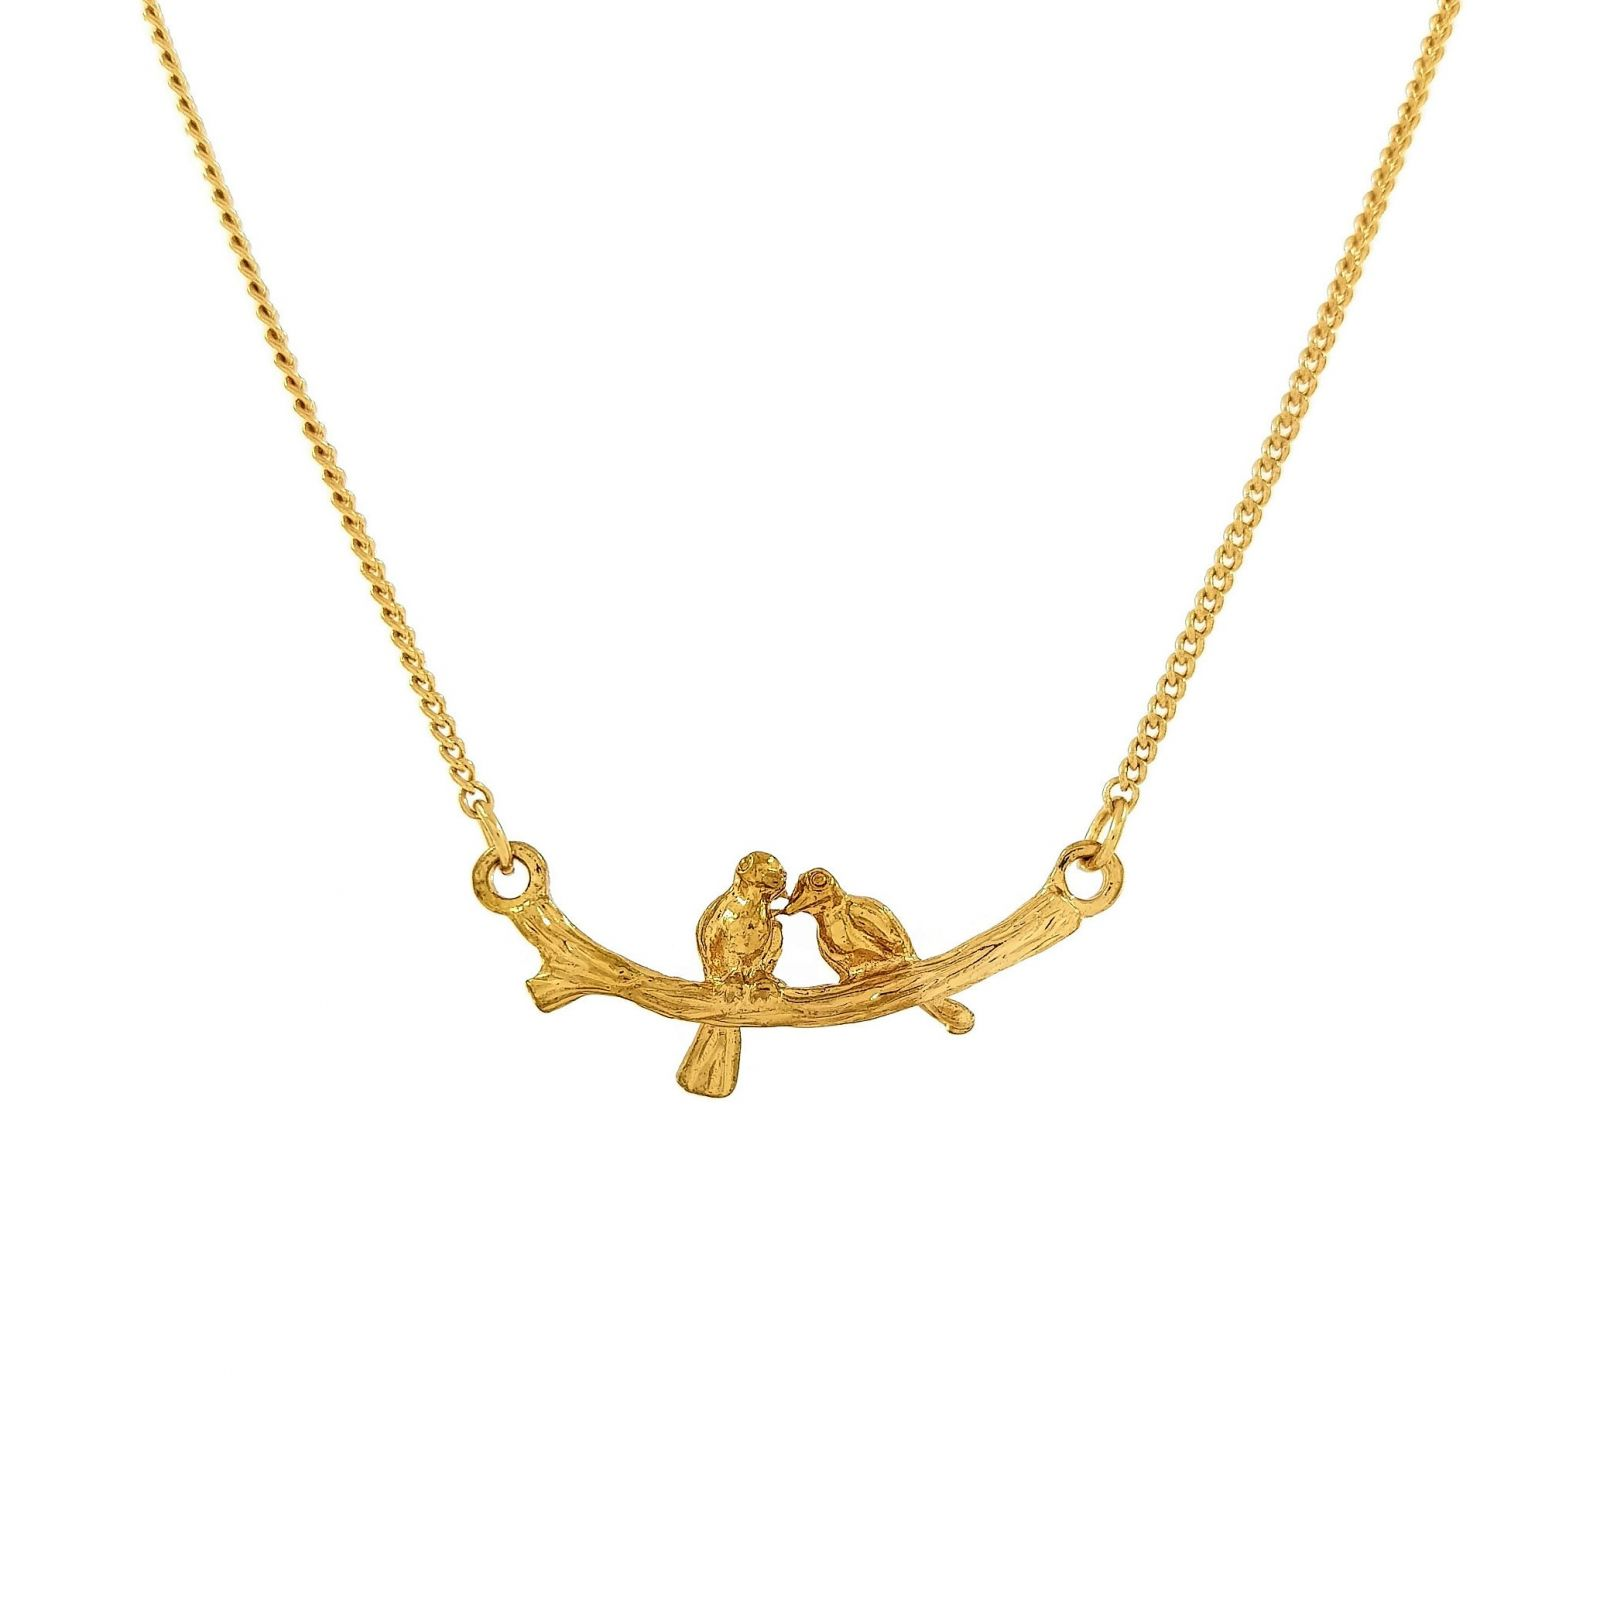 Zlatý řetízek s ptáčky GIIL